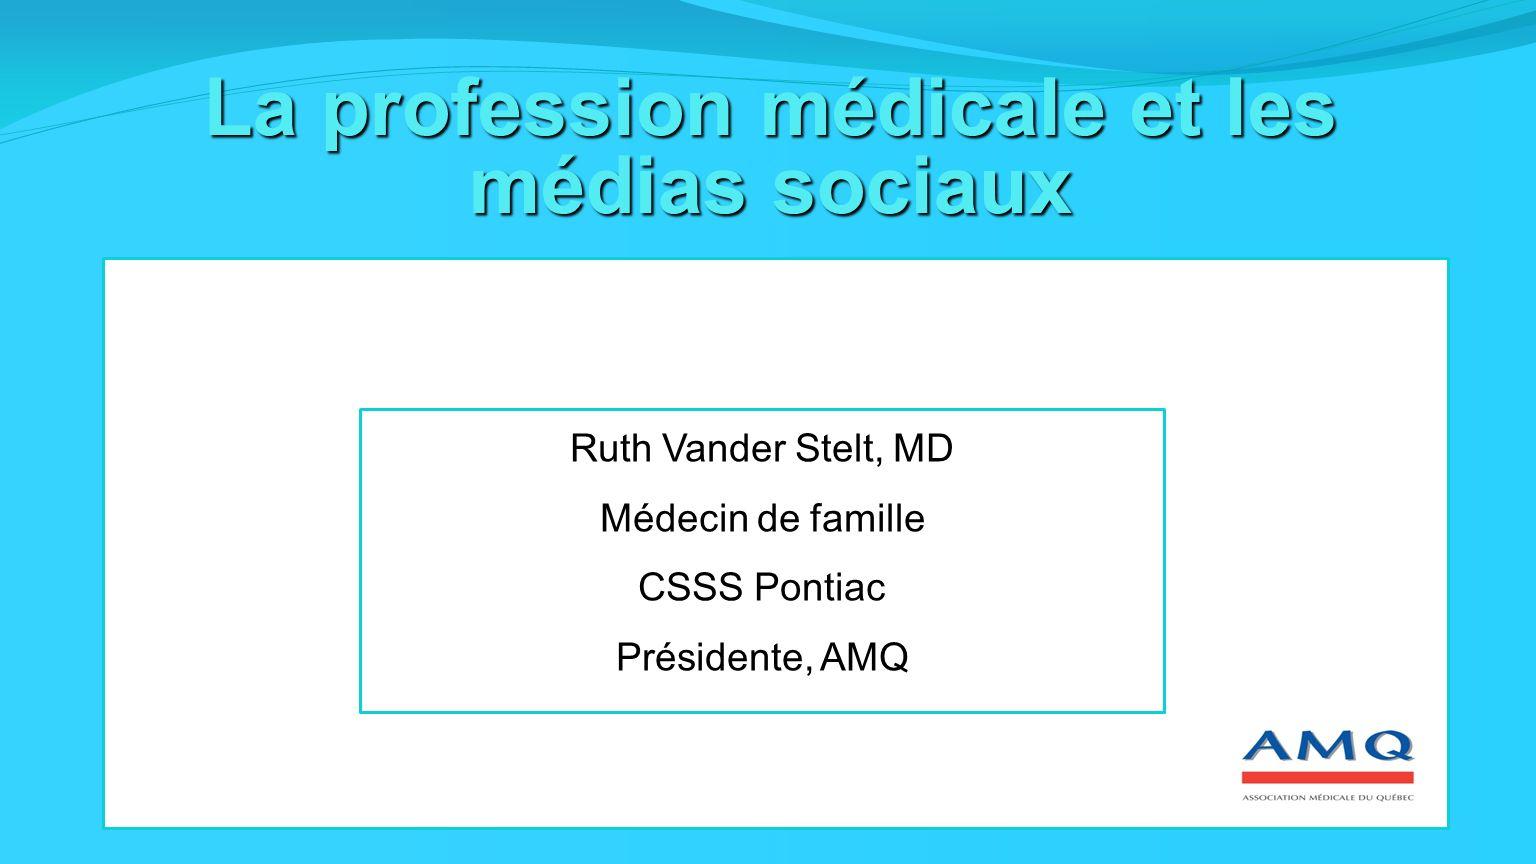 La profession médicale et les médias sociaux Ruth Vander Stelt, MD Médecin de famille CSSS Pontiac Présidente, AMQ